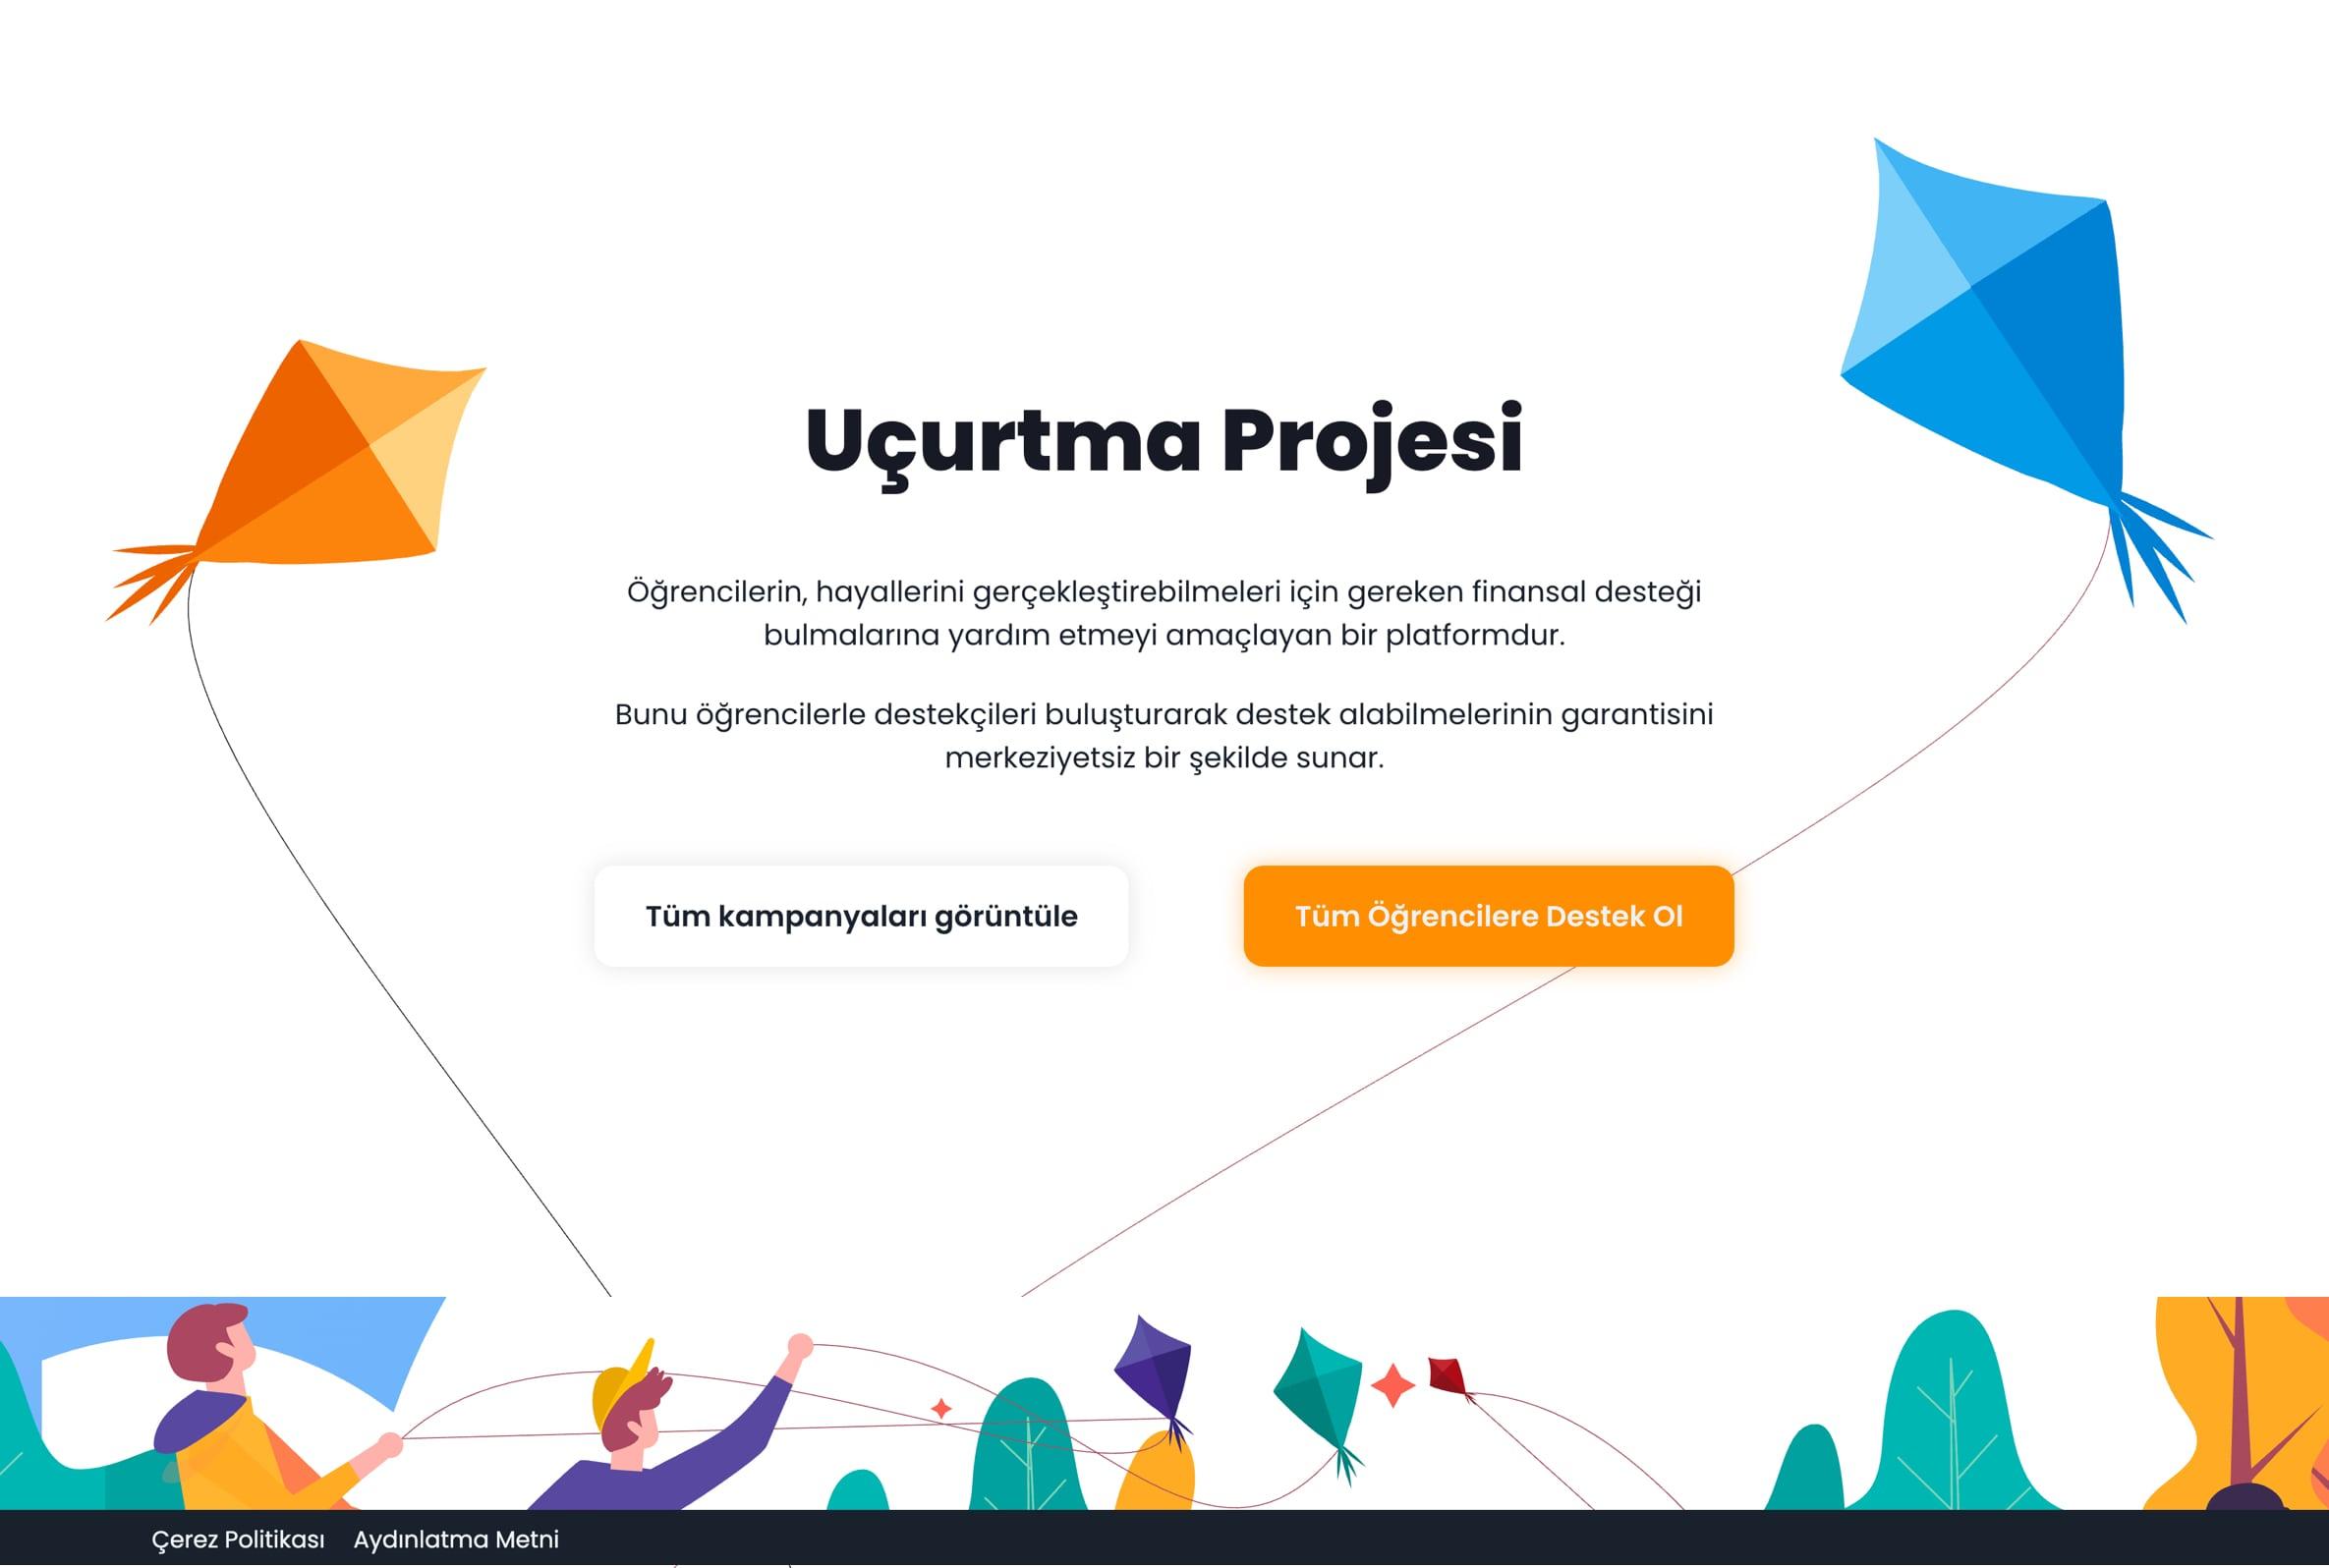 Uçurtma Projesi